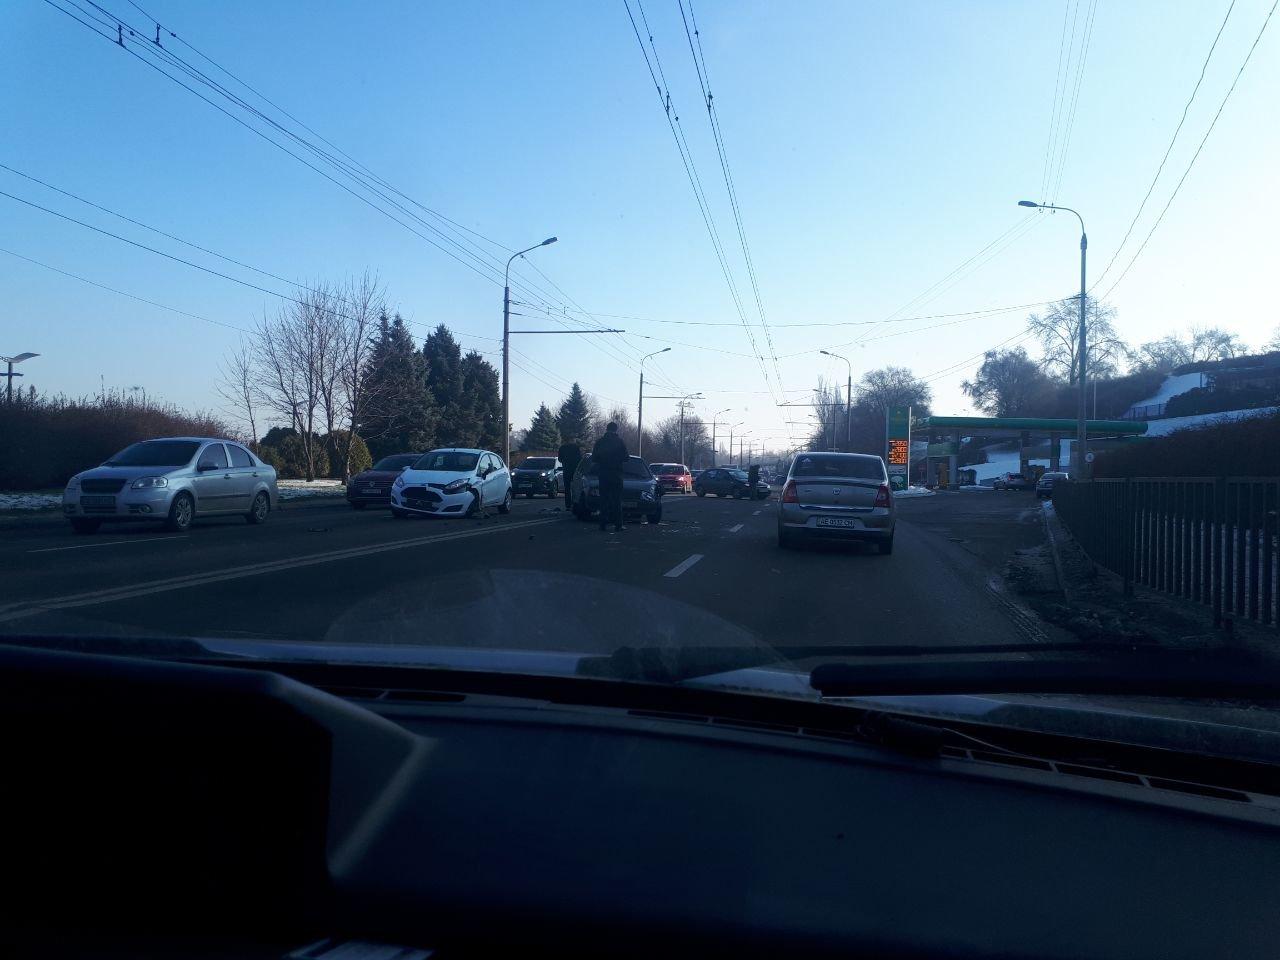 В Днепре ДТП на набережной и возле Озерки: движение затруднено, - ФОТО, фото-2